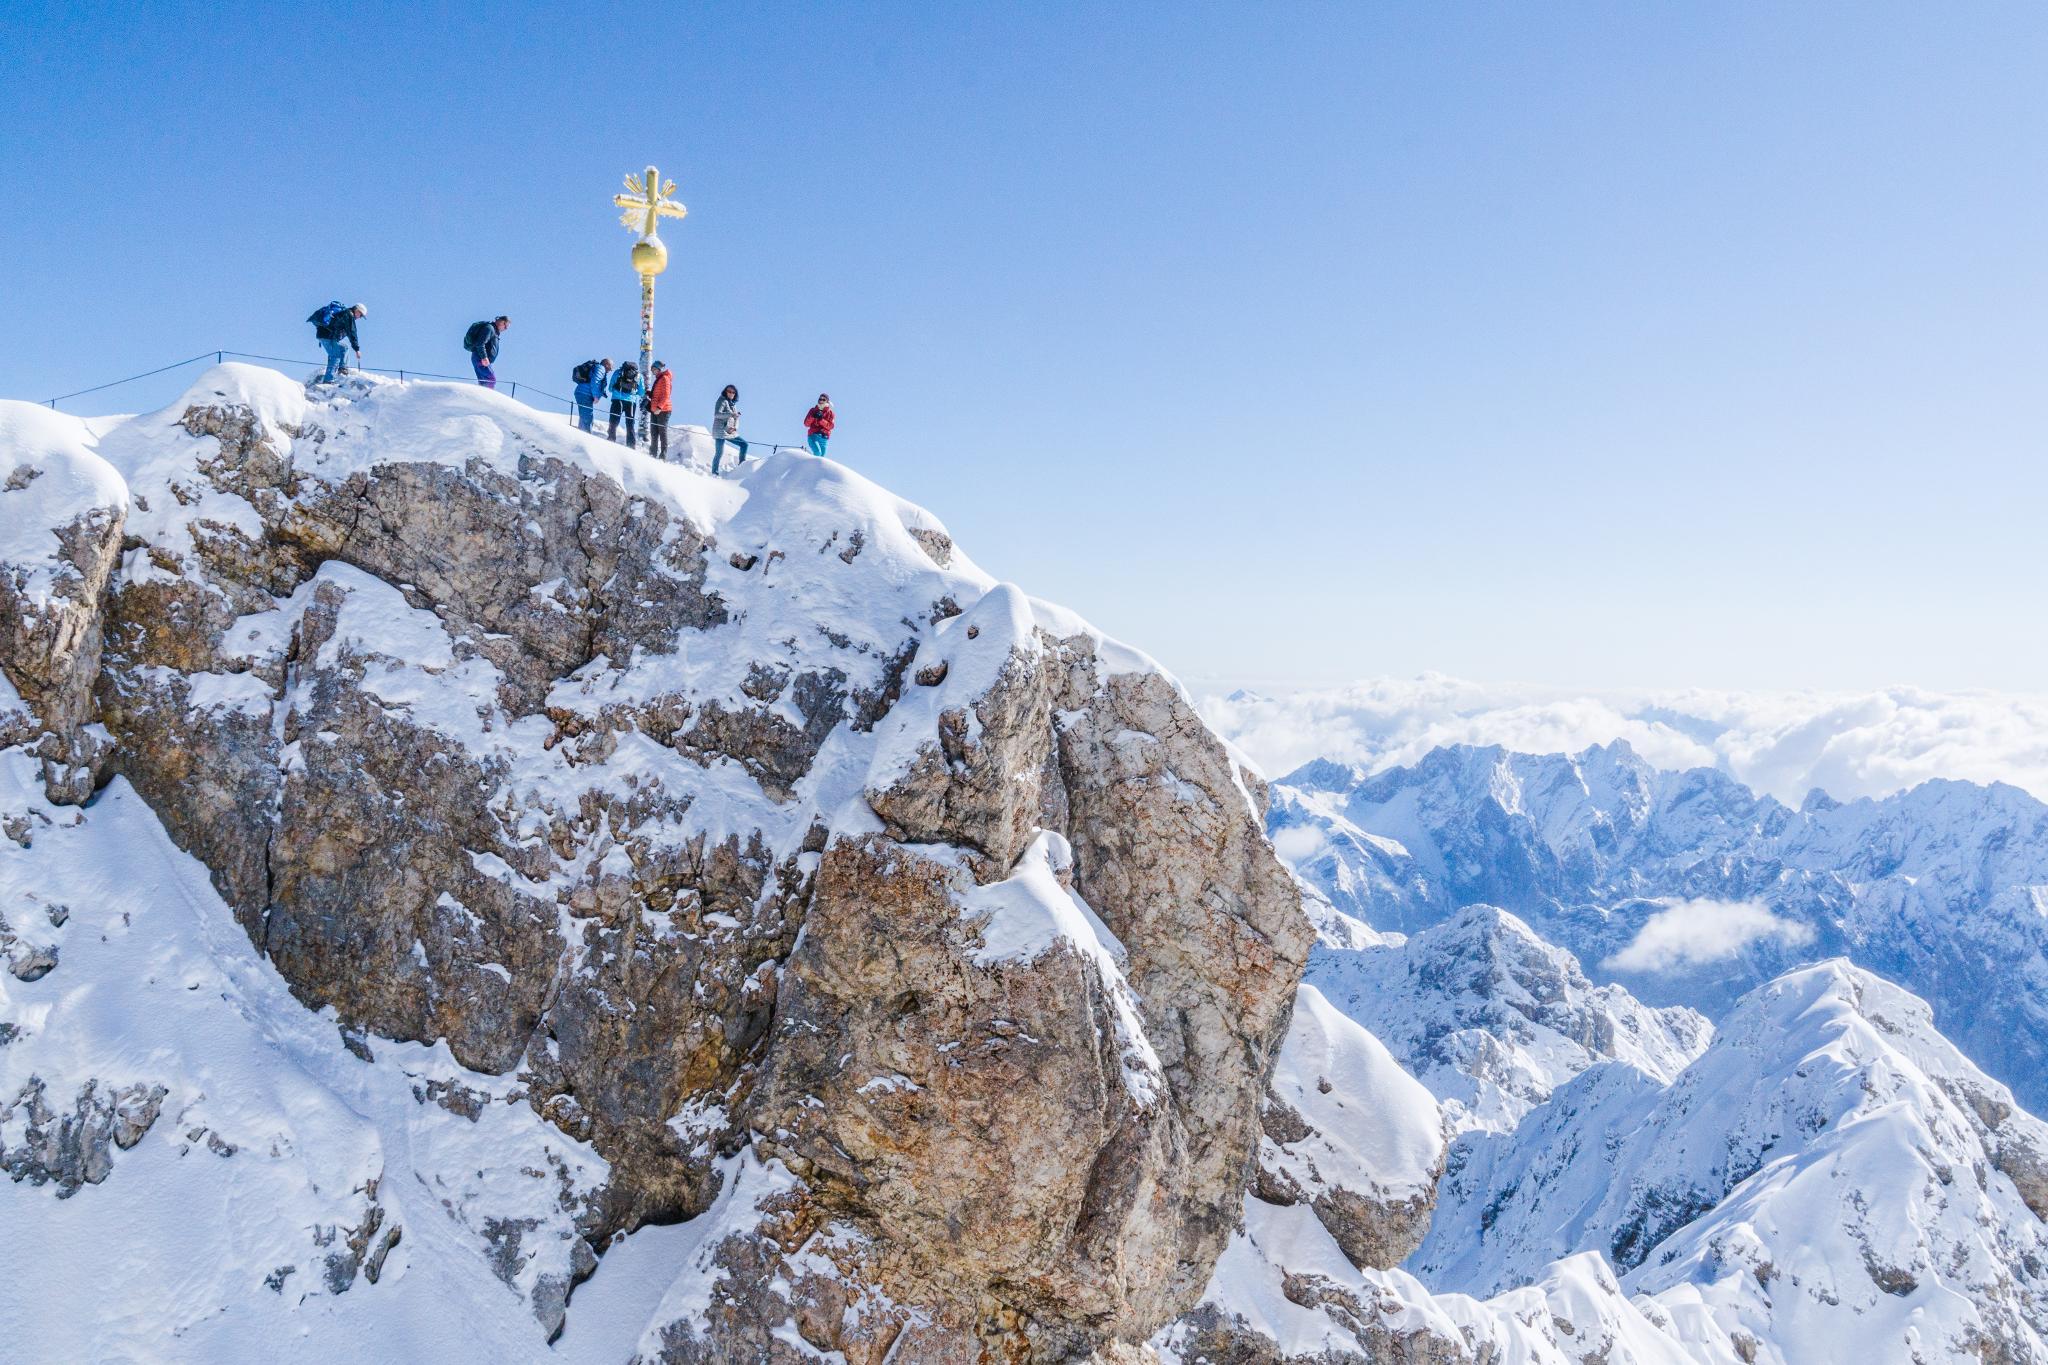 【德國】阿爾卑斯大道:楚格峰 (Zugspitze) 登上德國之巔